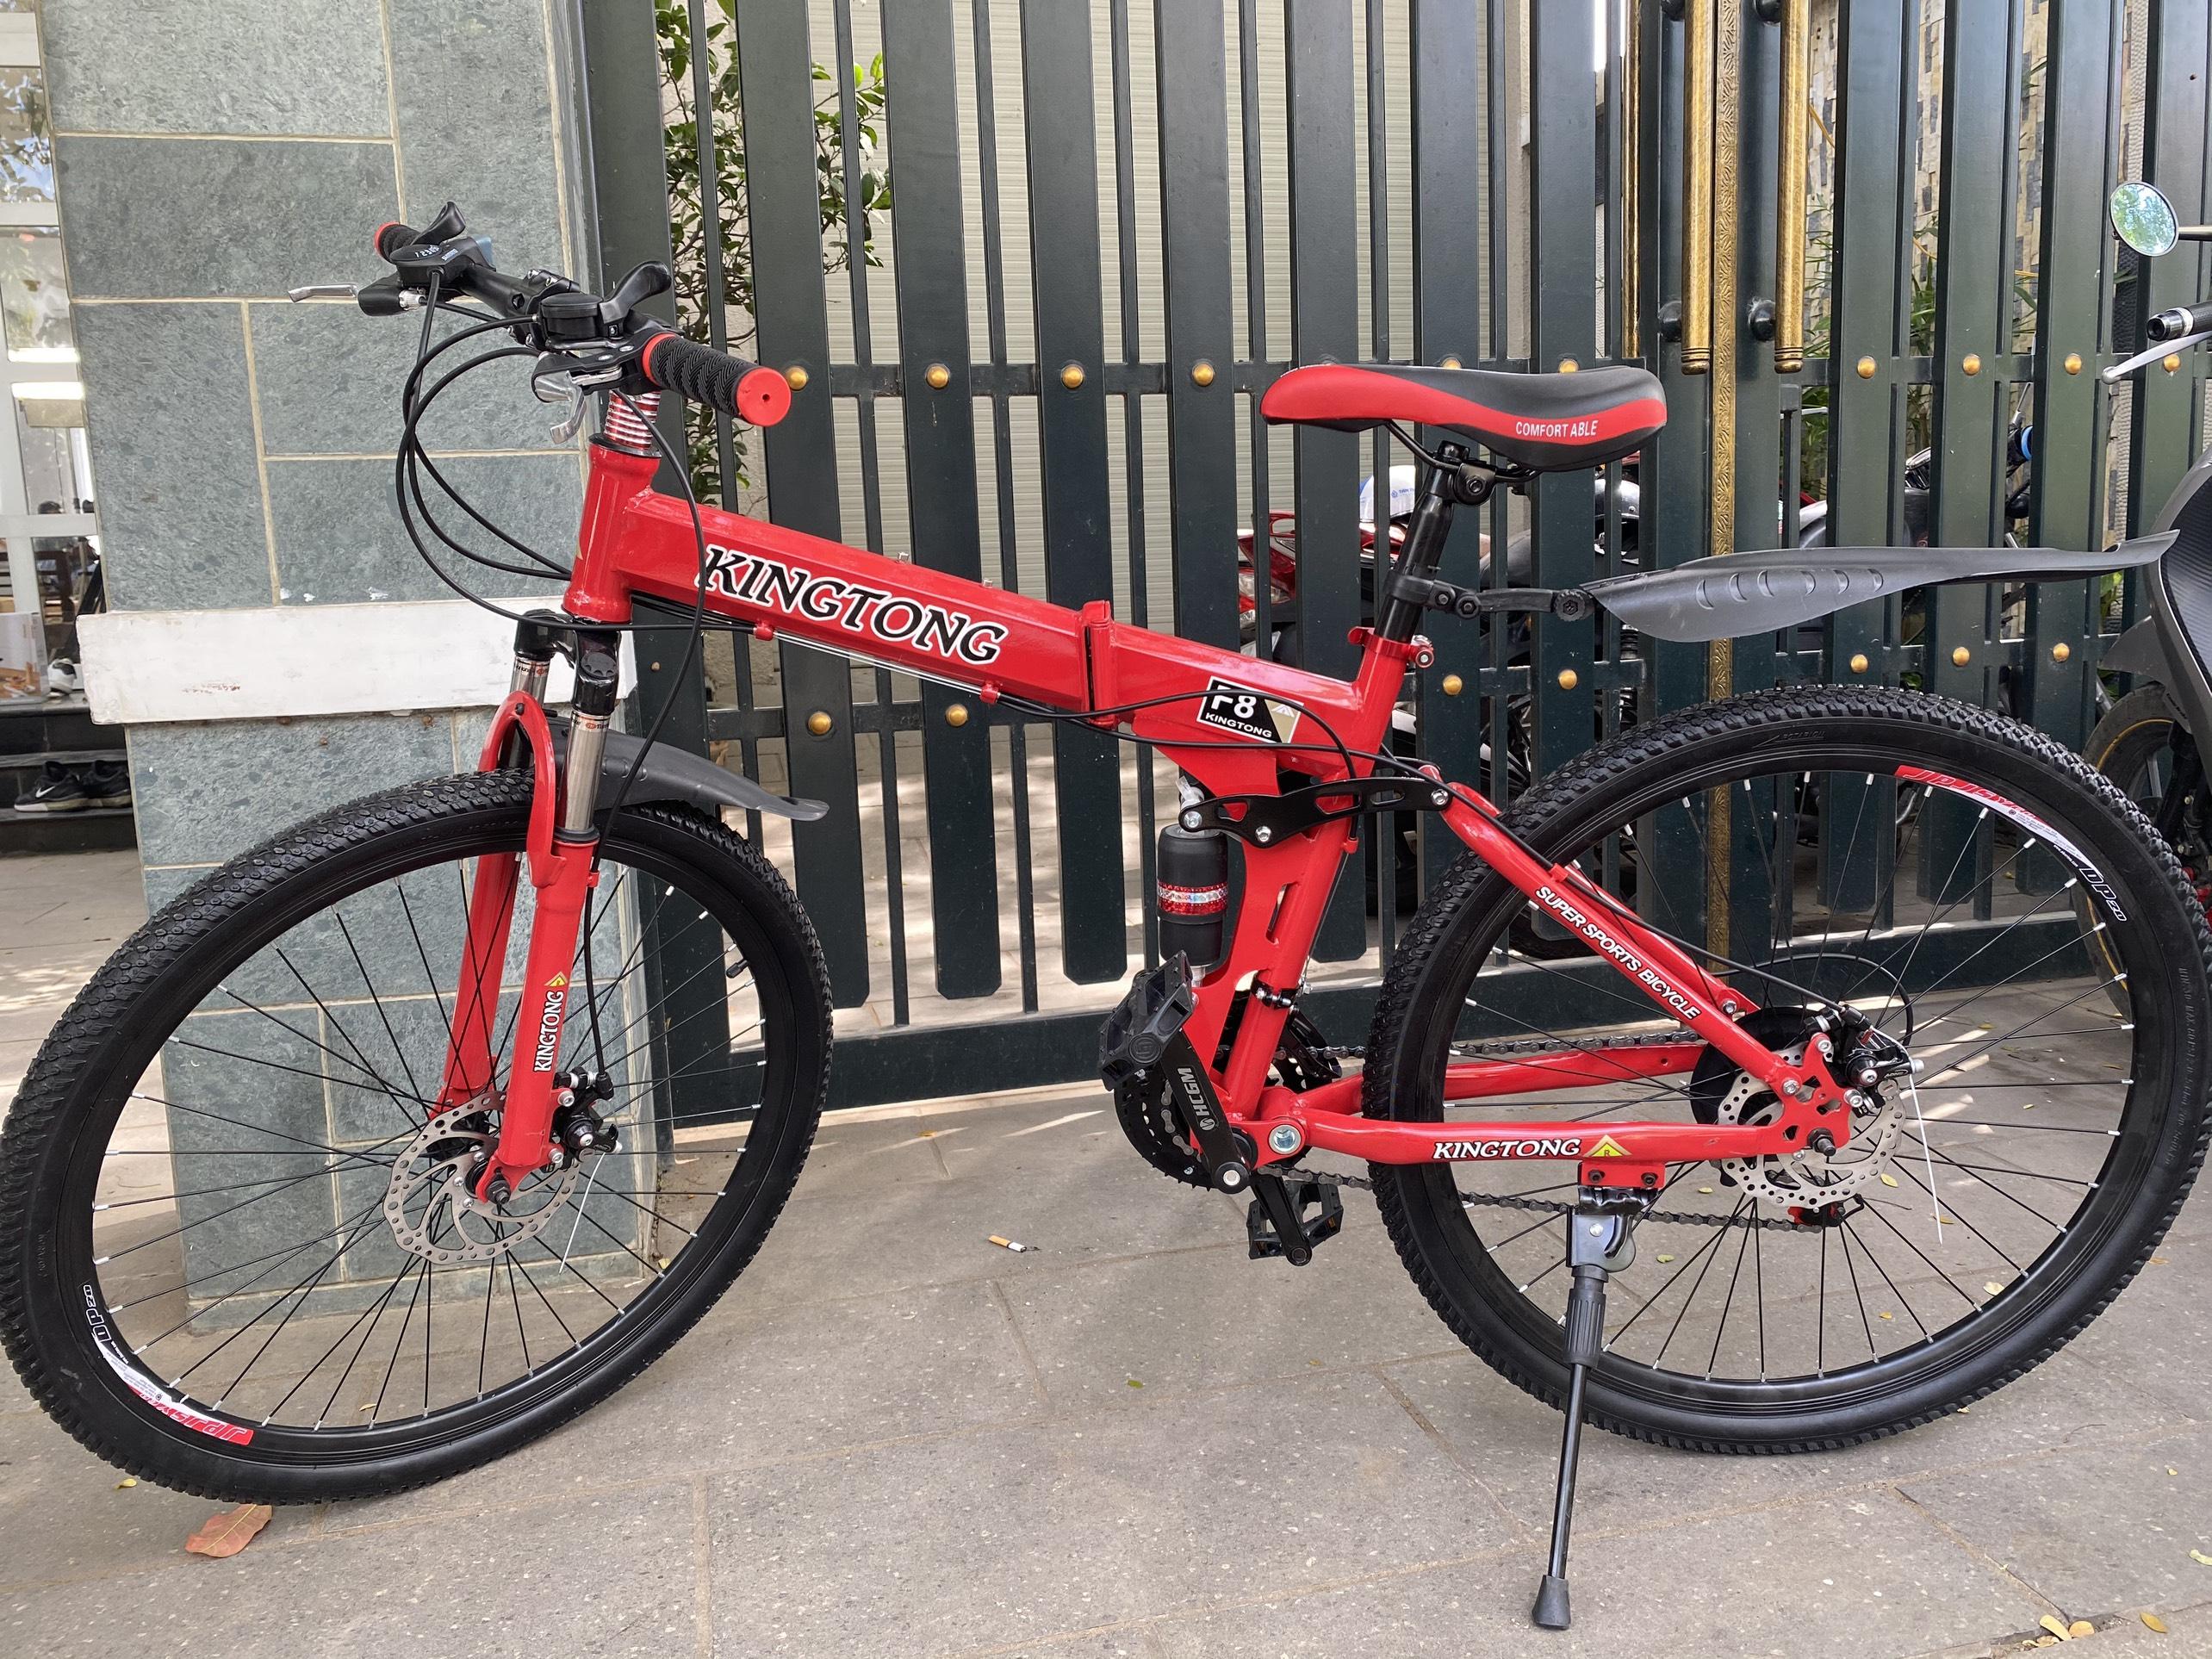 Mua Xe đạp địa hình gấp KINGTONG - Mẫu thiết kế thể thao 2021 (Red)